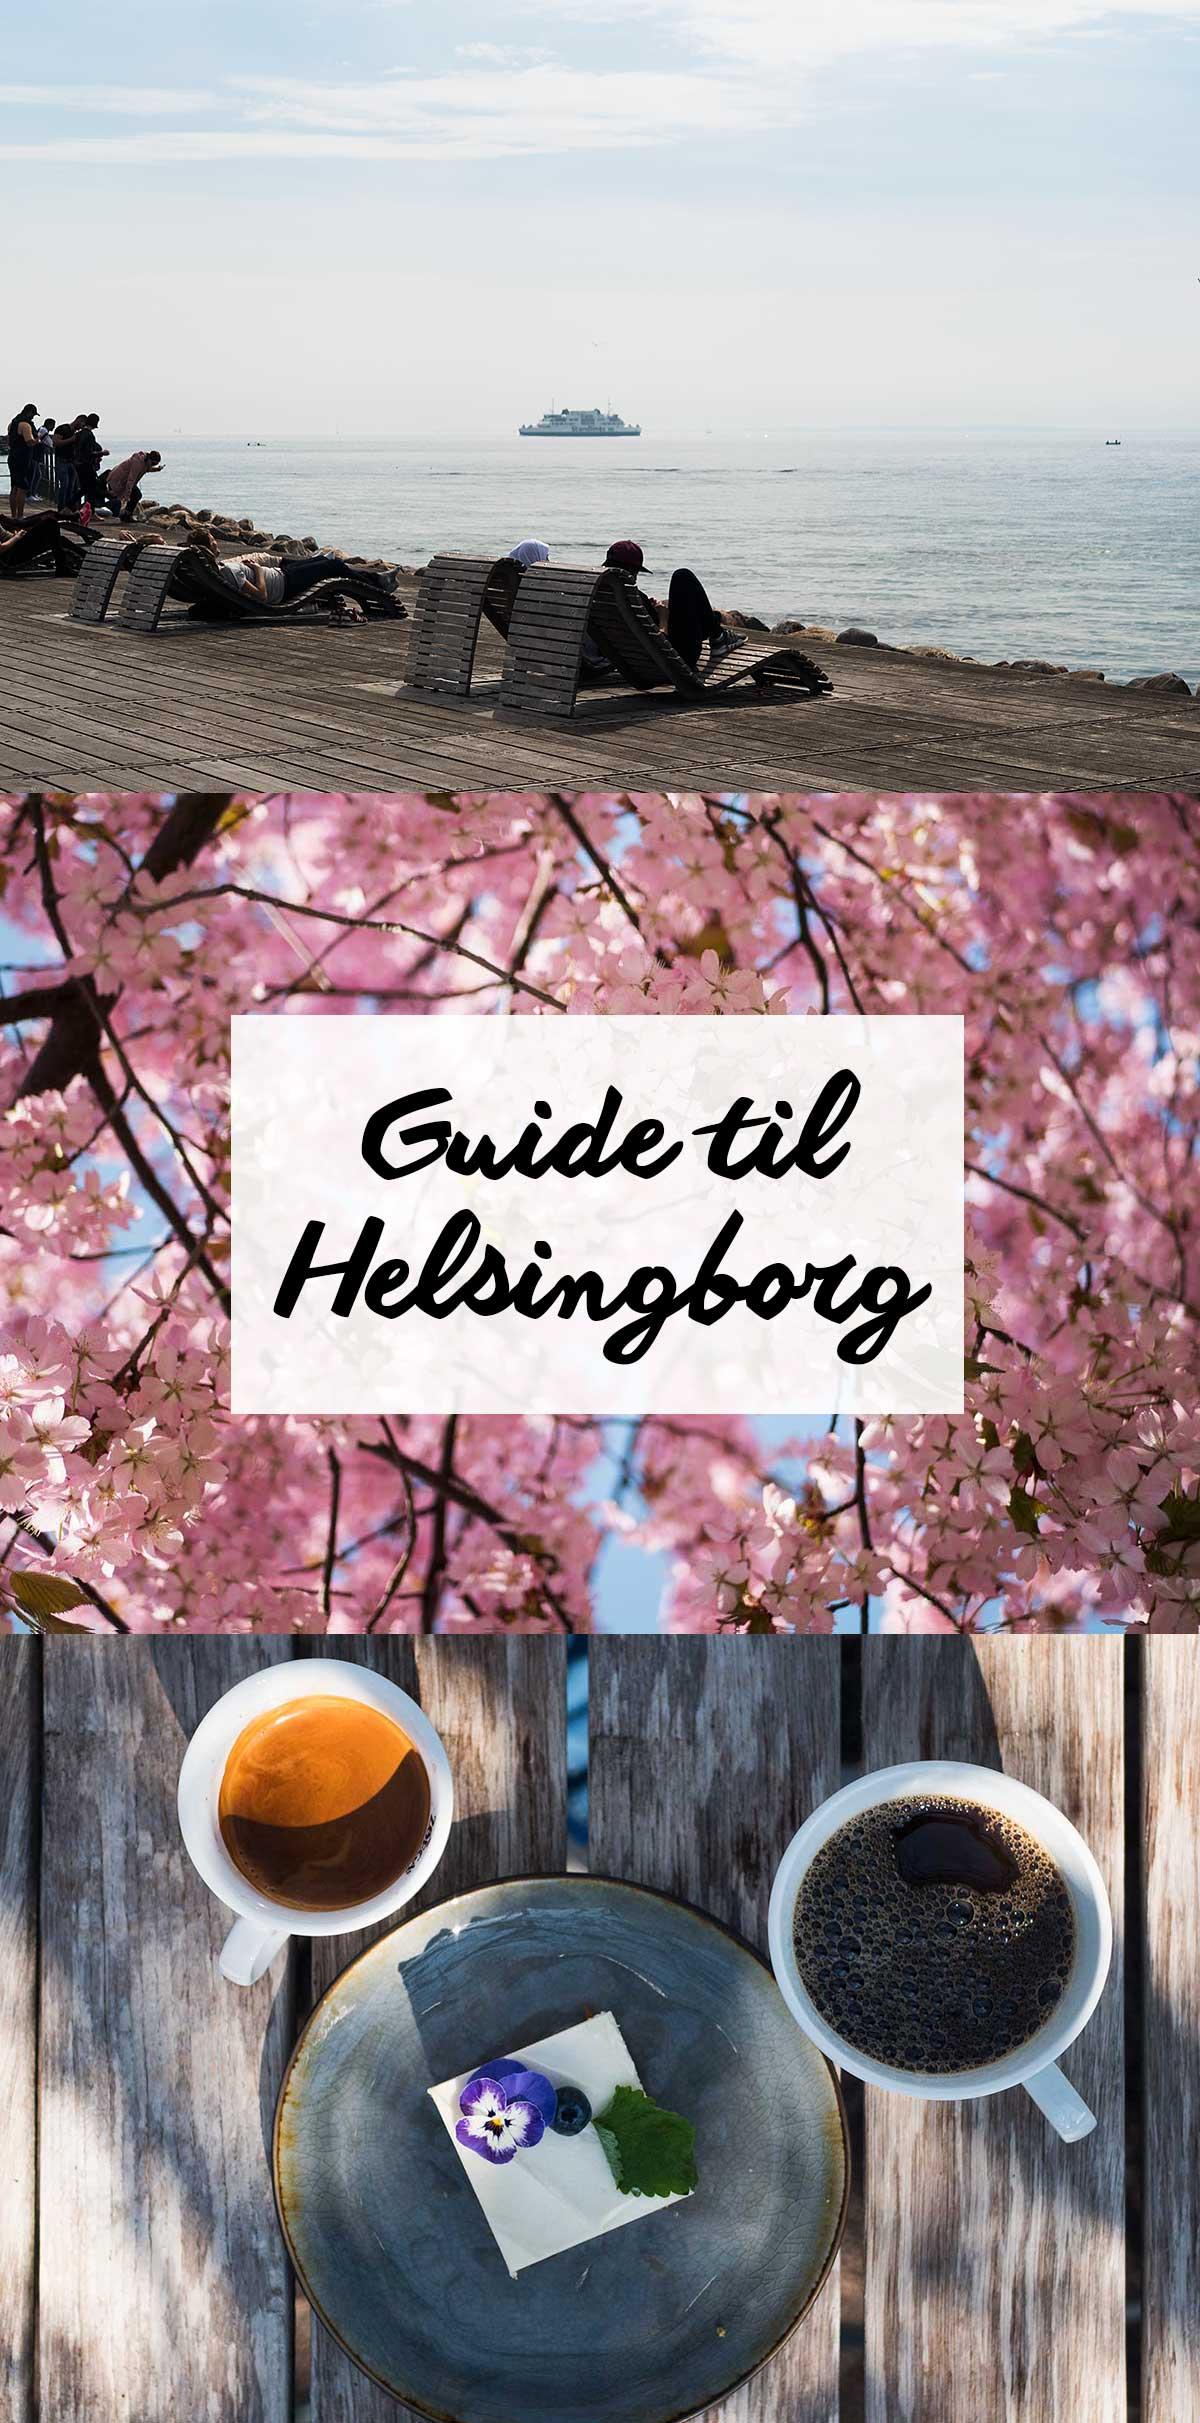 Guide til Helsingborg | Frk. Kræsen